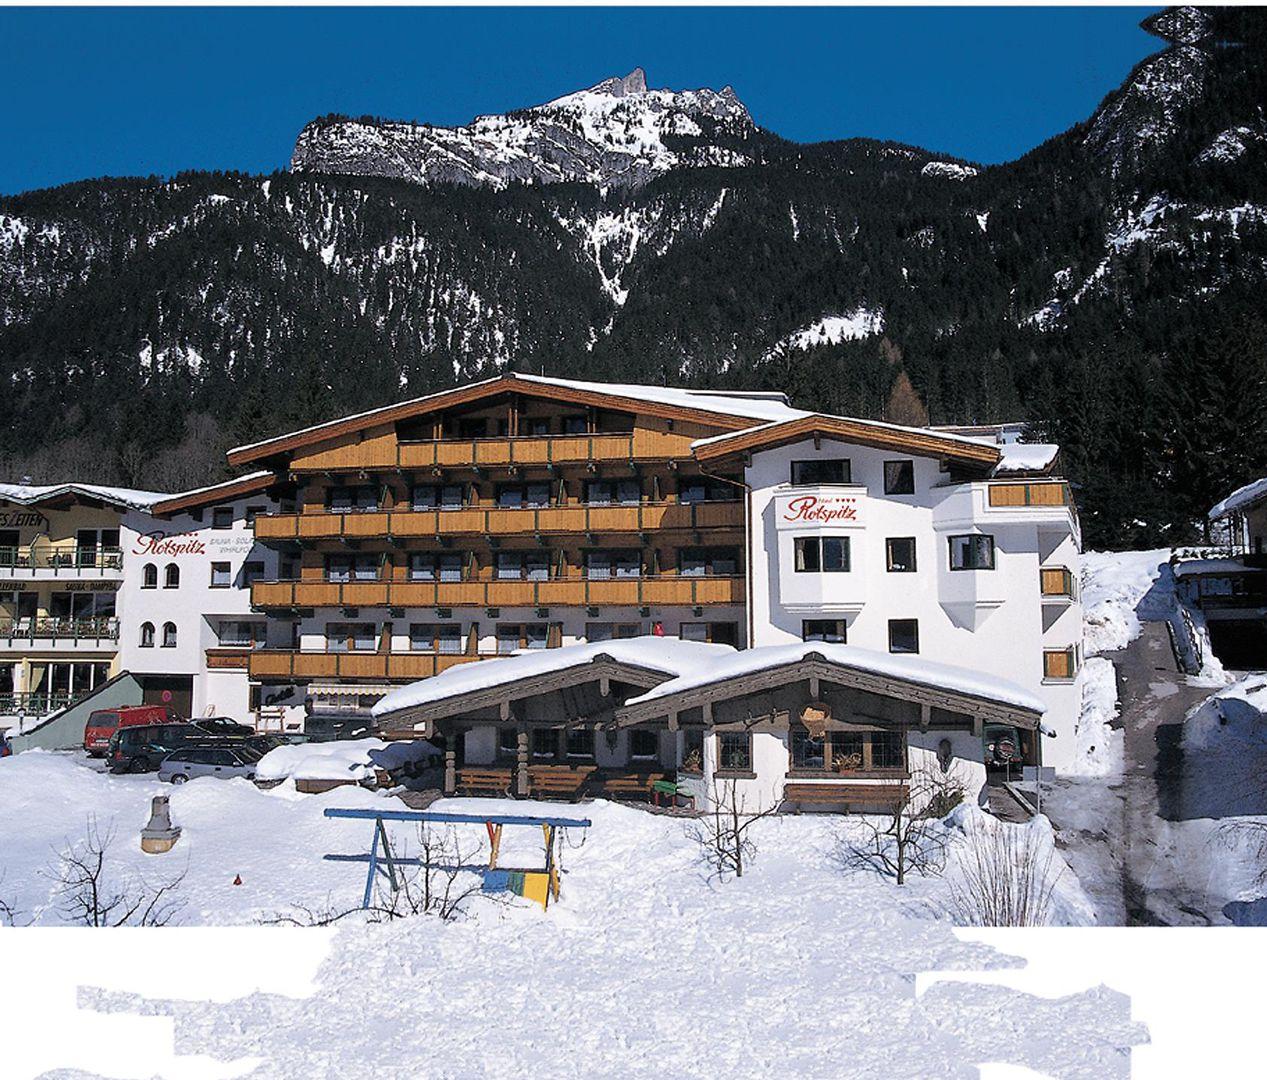 Hotel de familie Rotspitz